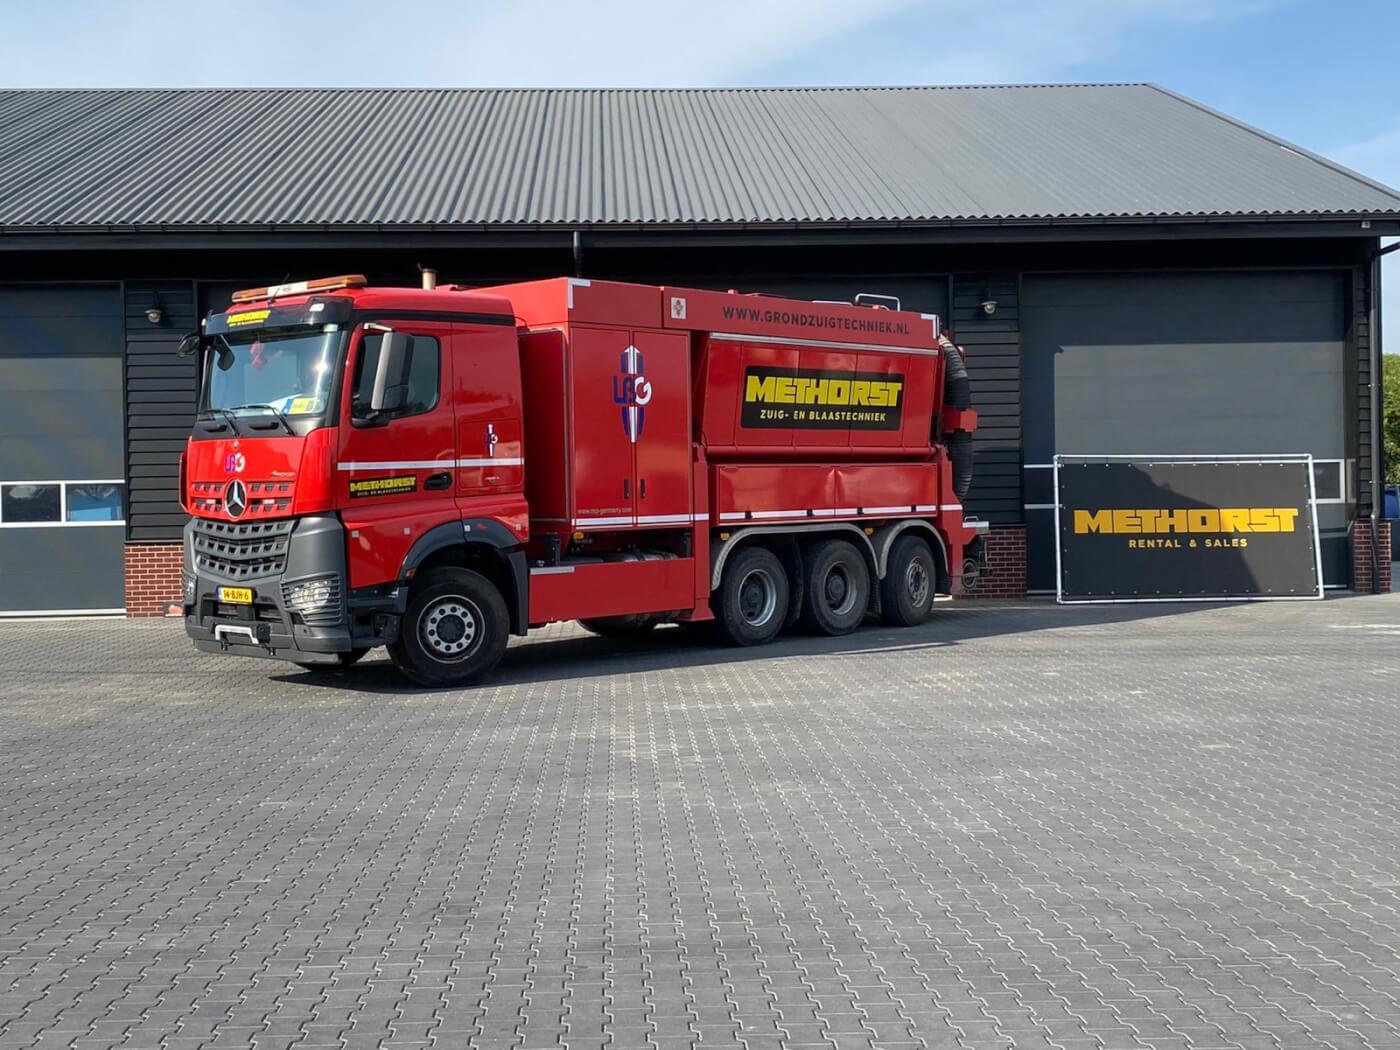 Zuigwagen Methorst Zuigtechniek LBG 11